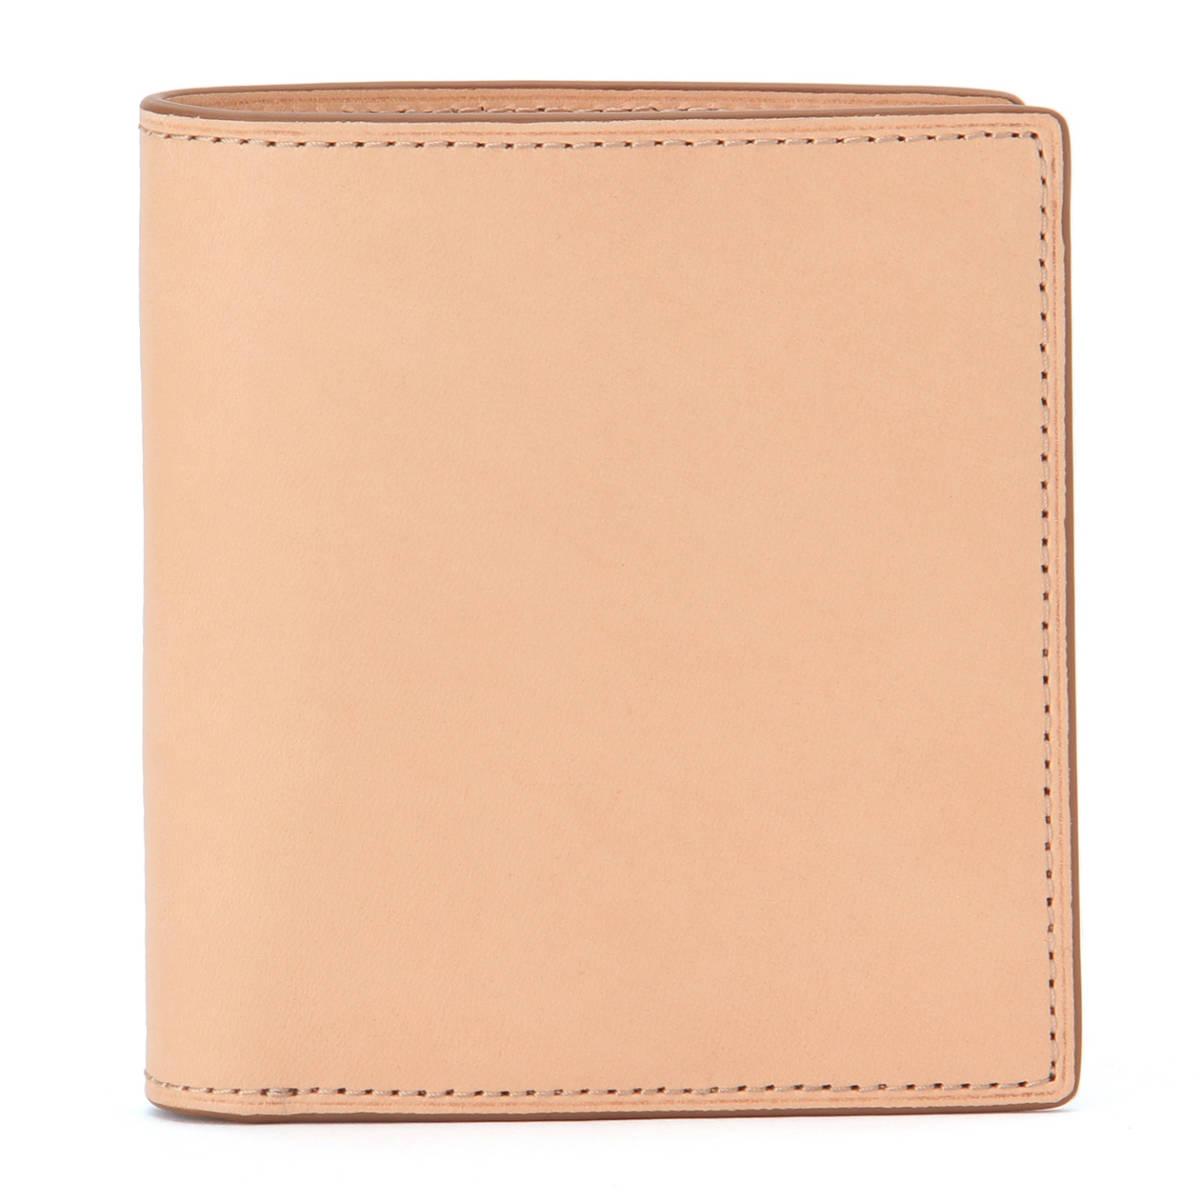 新品 無印良品 MUJI イタリア産 ヌメ革 二つ折り 財布 正規品 生成 ベージュ ウォレット